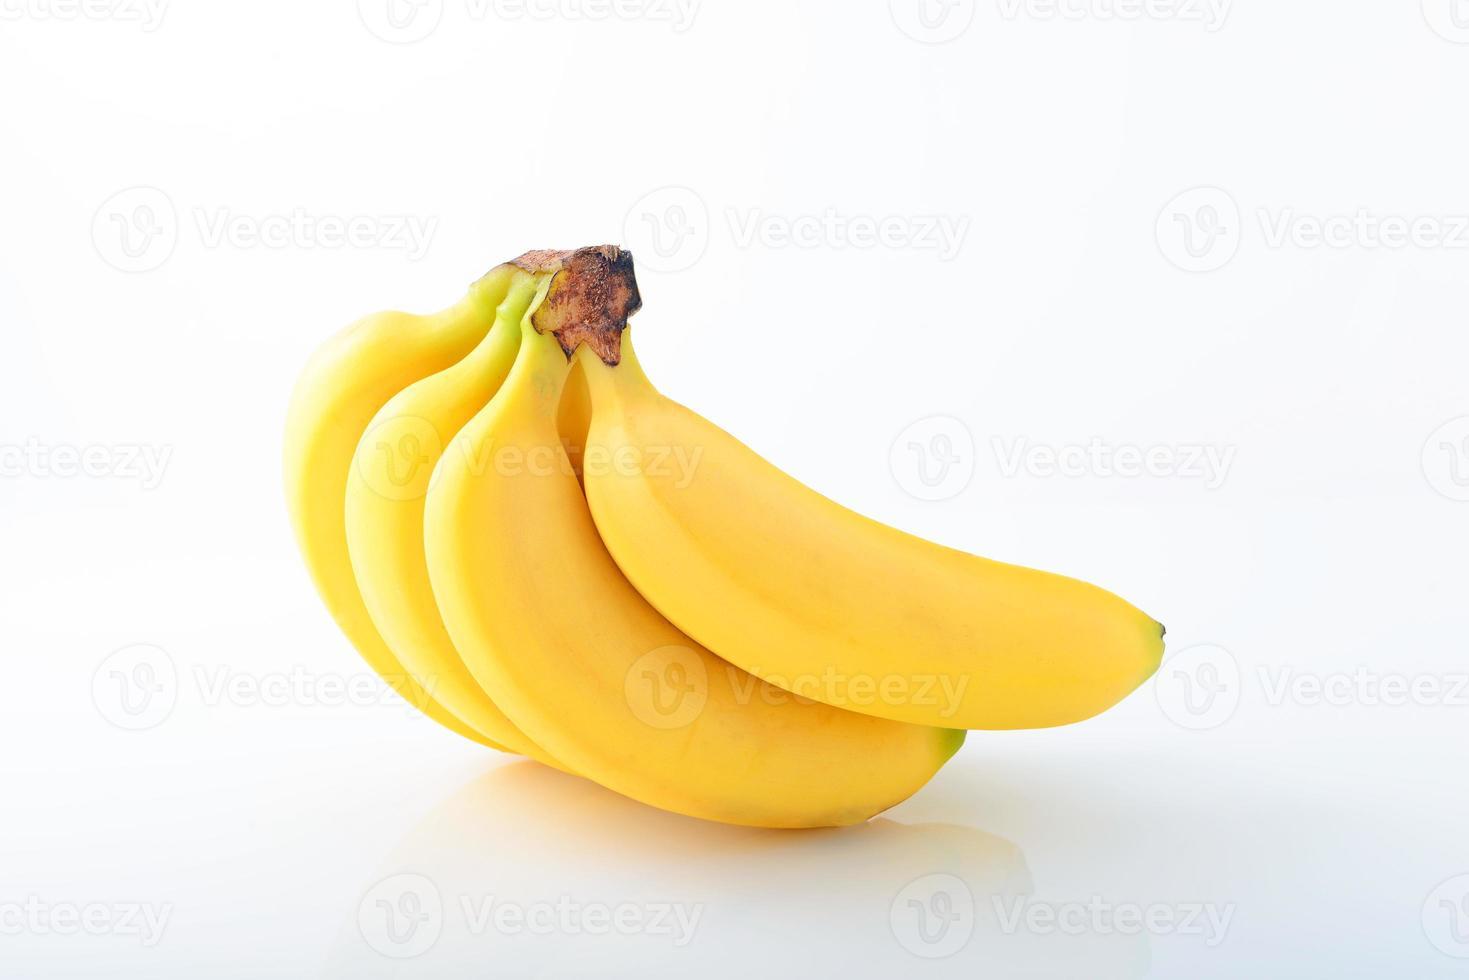 plátanos frescos foto